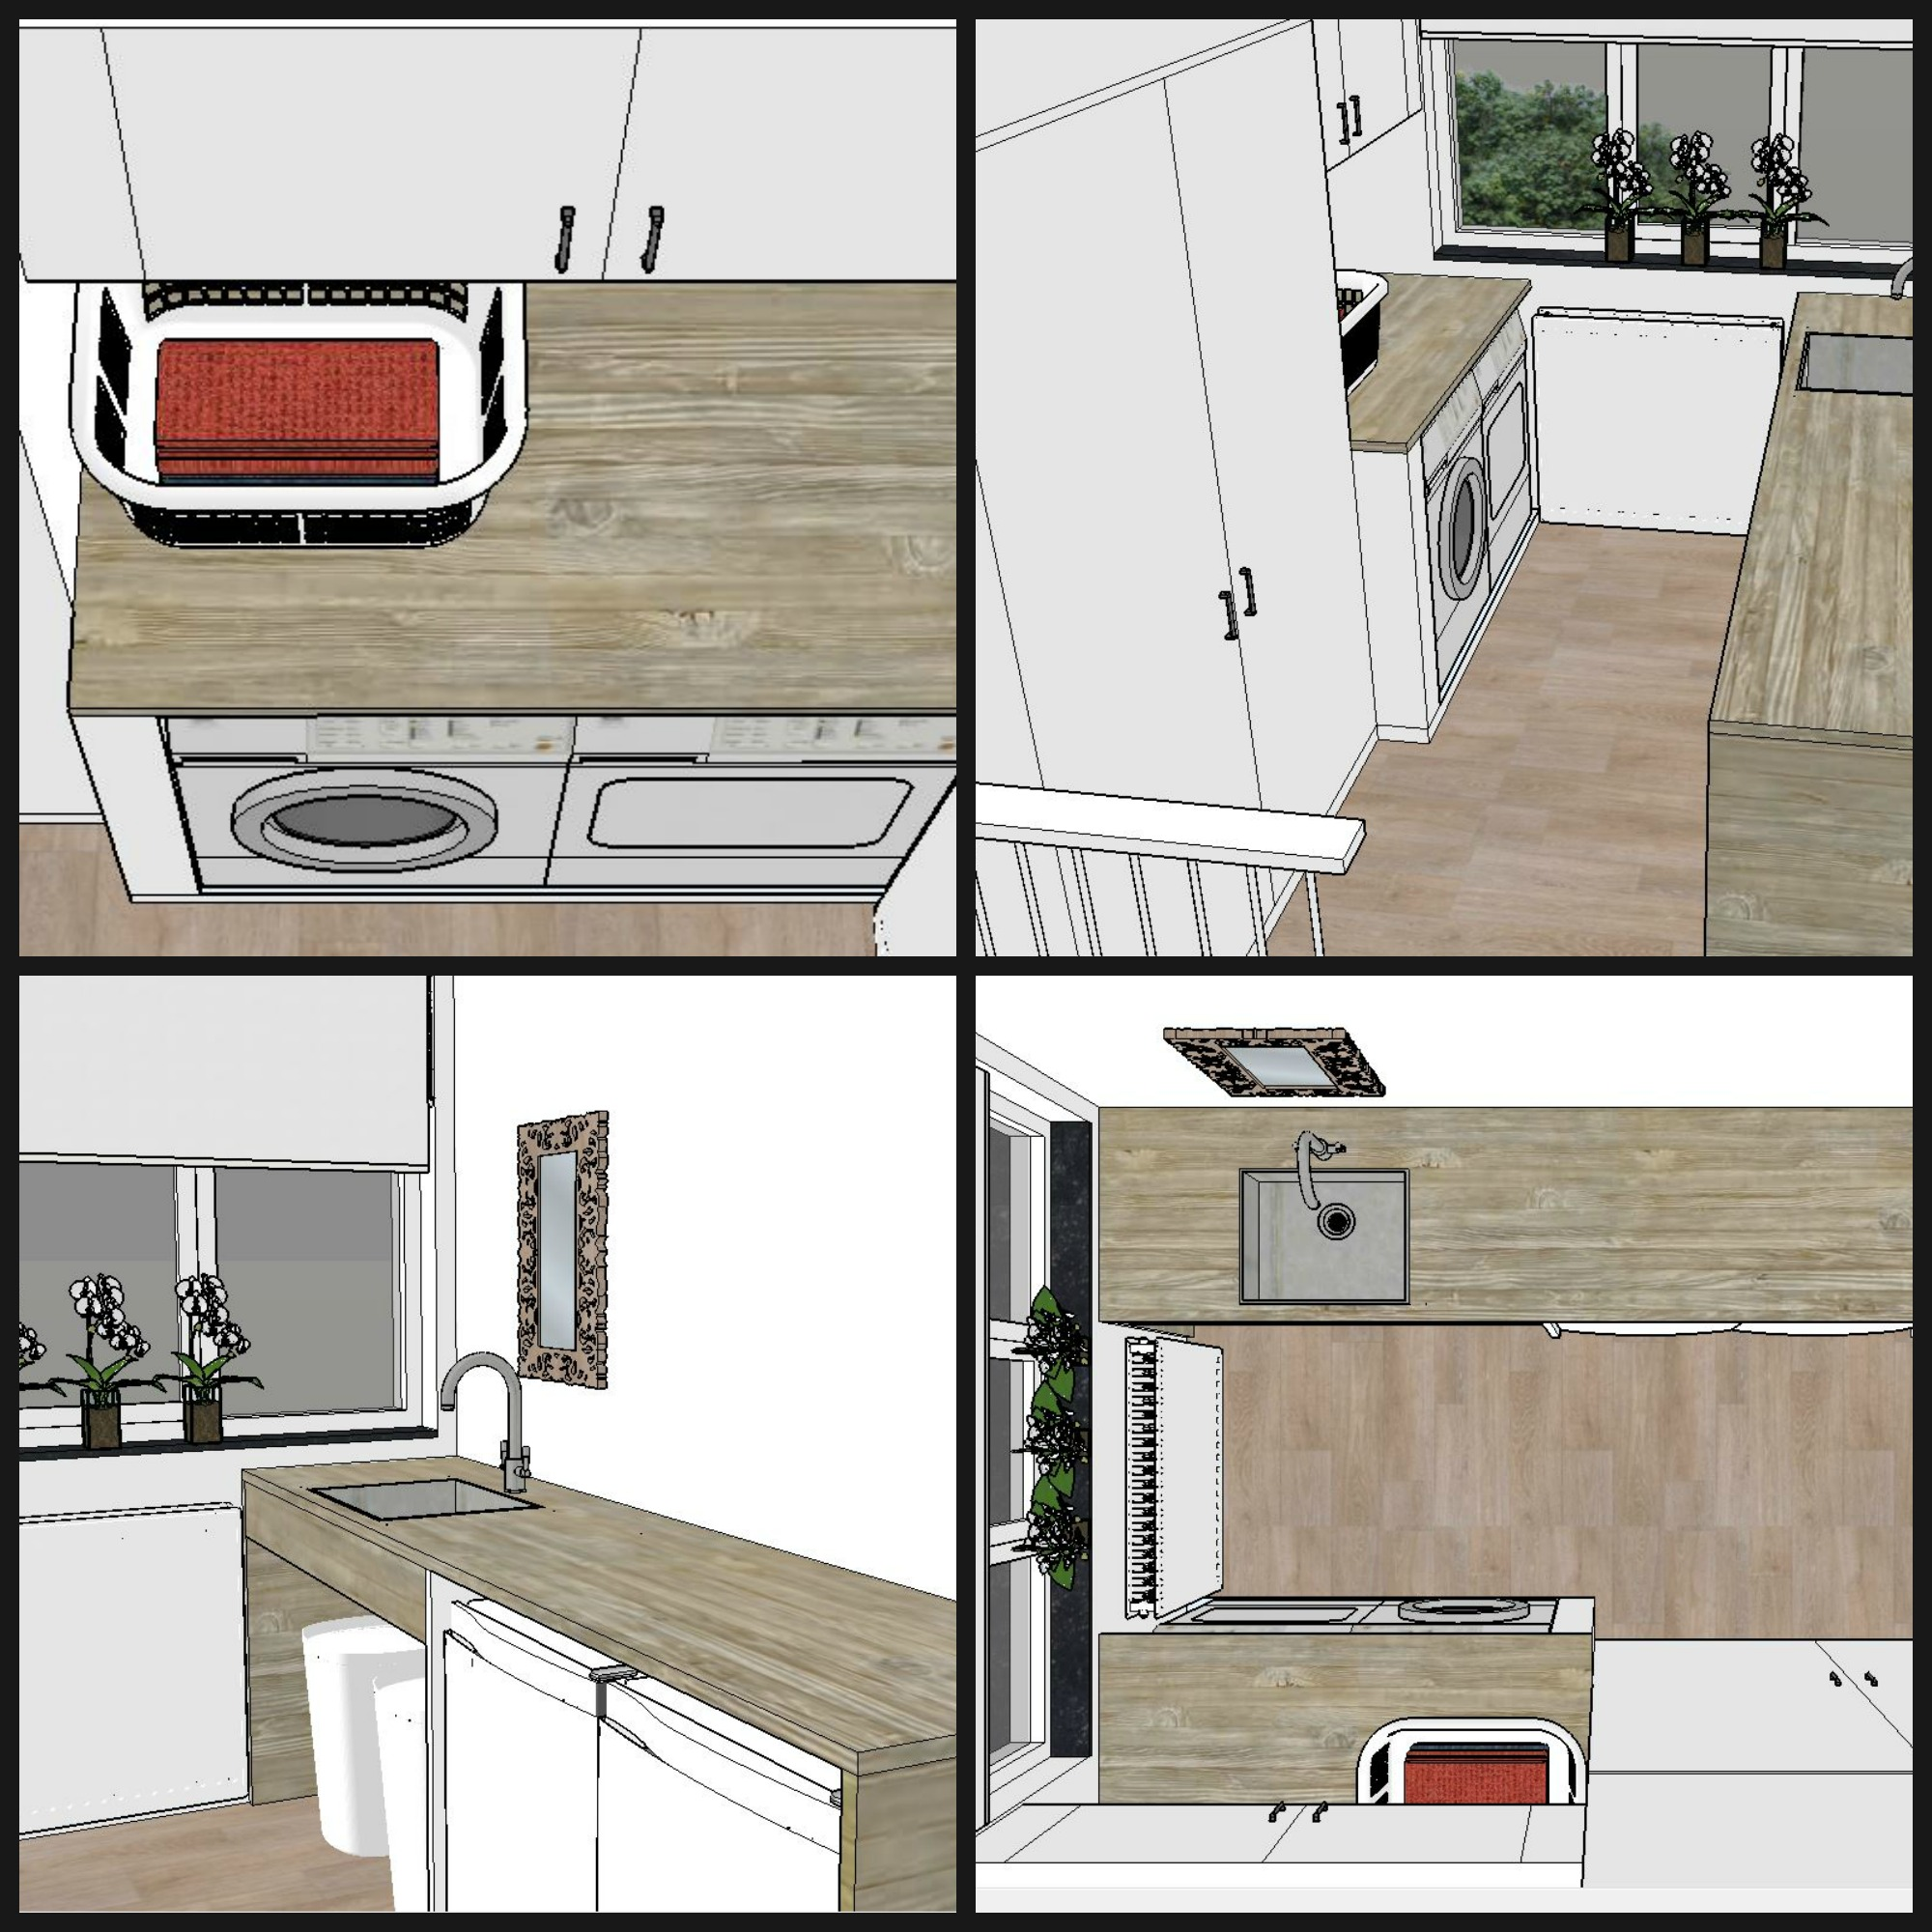 Ideeen ontwerp wasruimte gehoor geven aan uw huis - Moderne wasruimte ...